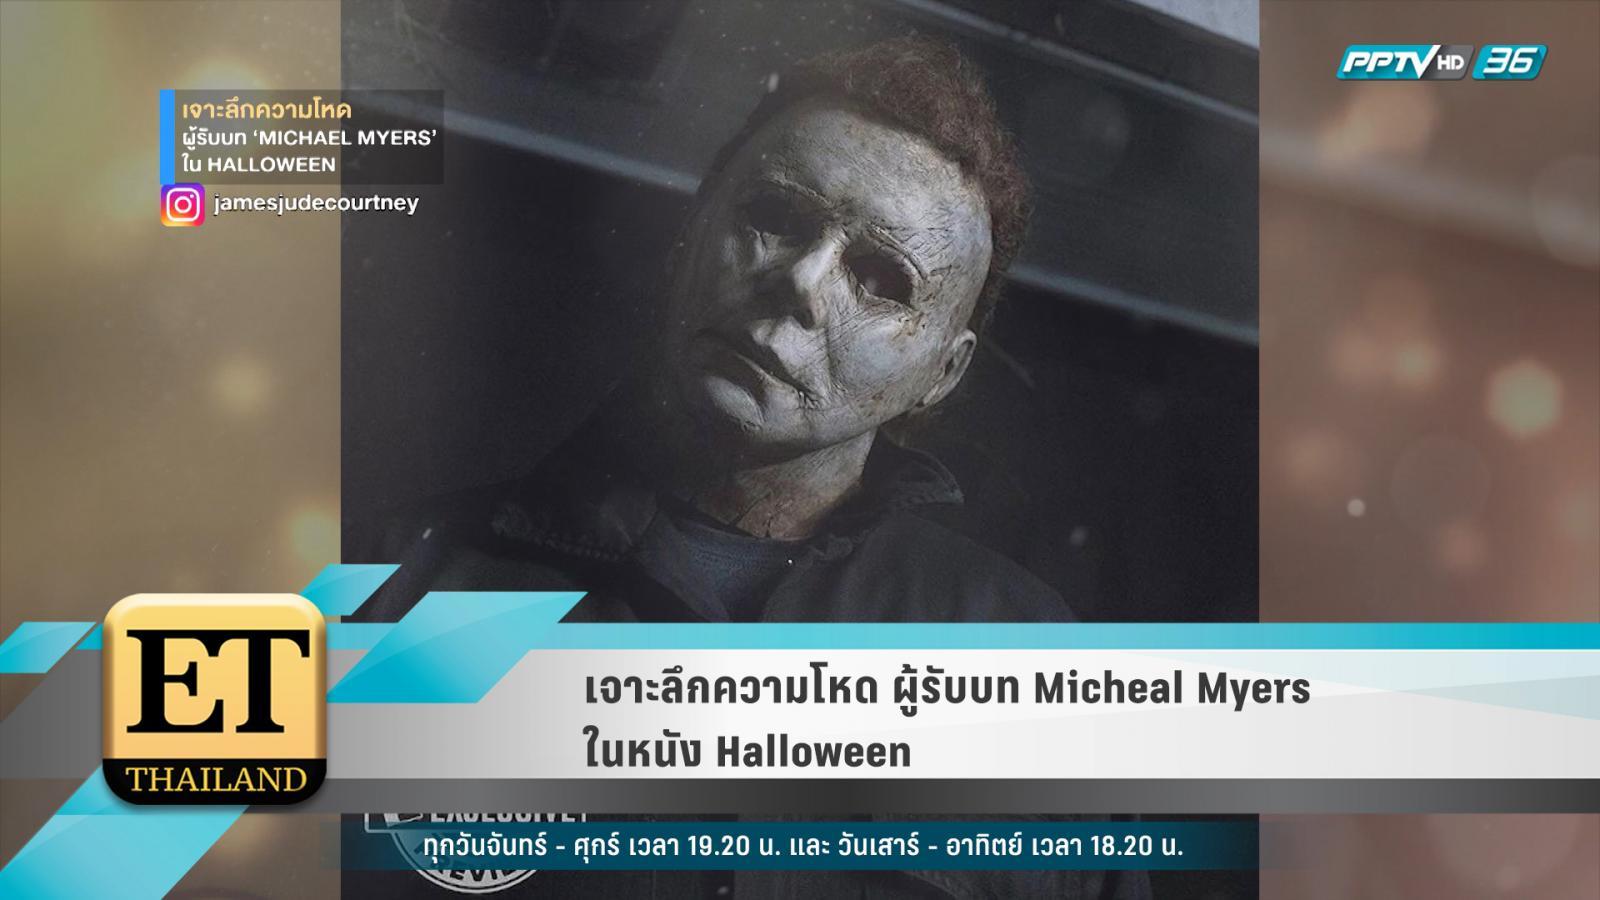 เจาะลึกความโหด ผู้รับบท Micheal Myers  ในหนัง Halloween